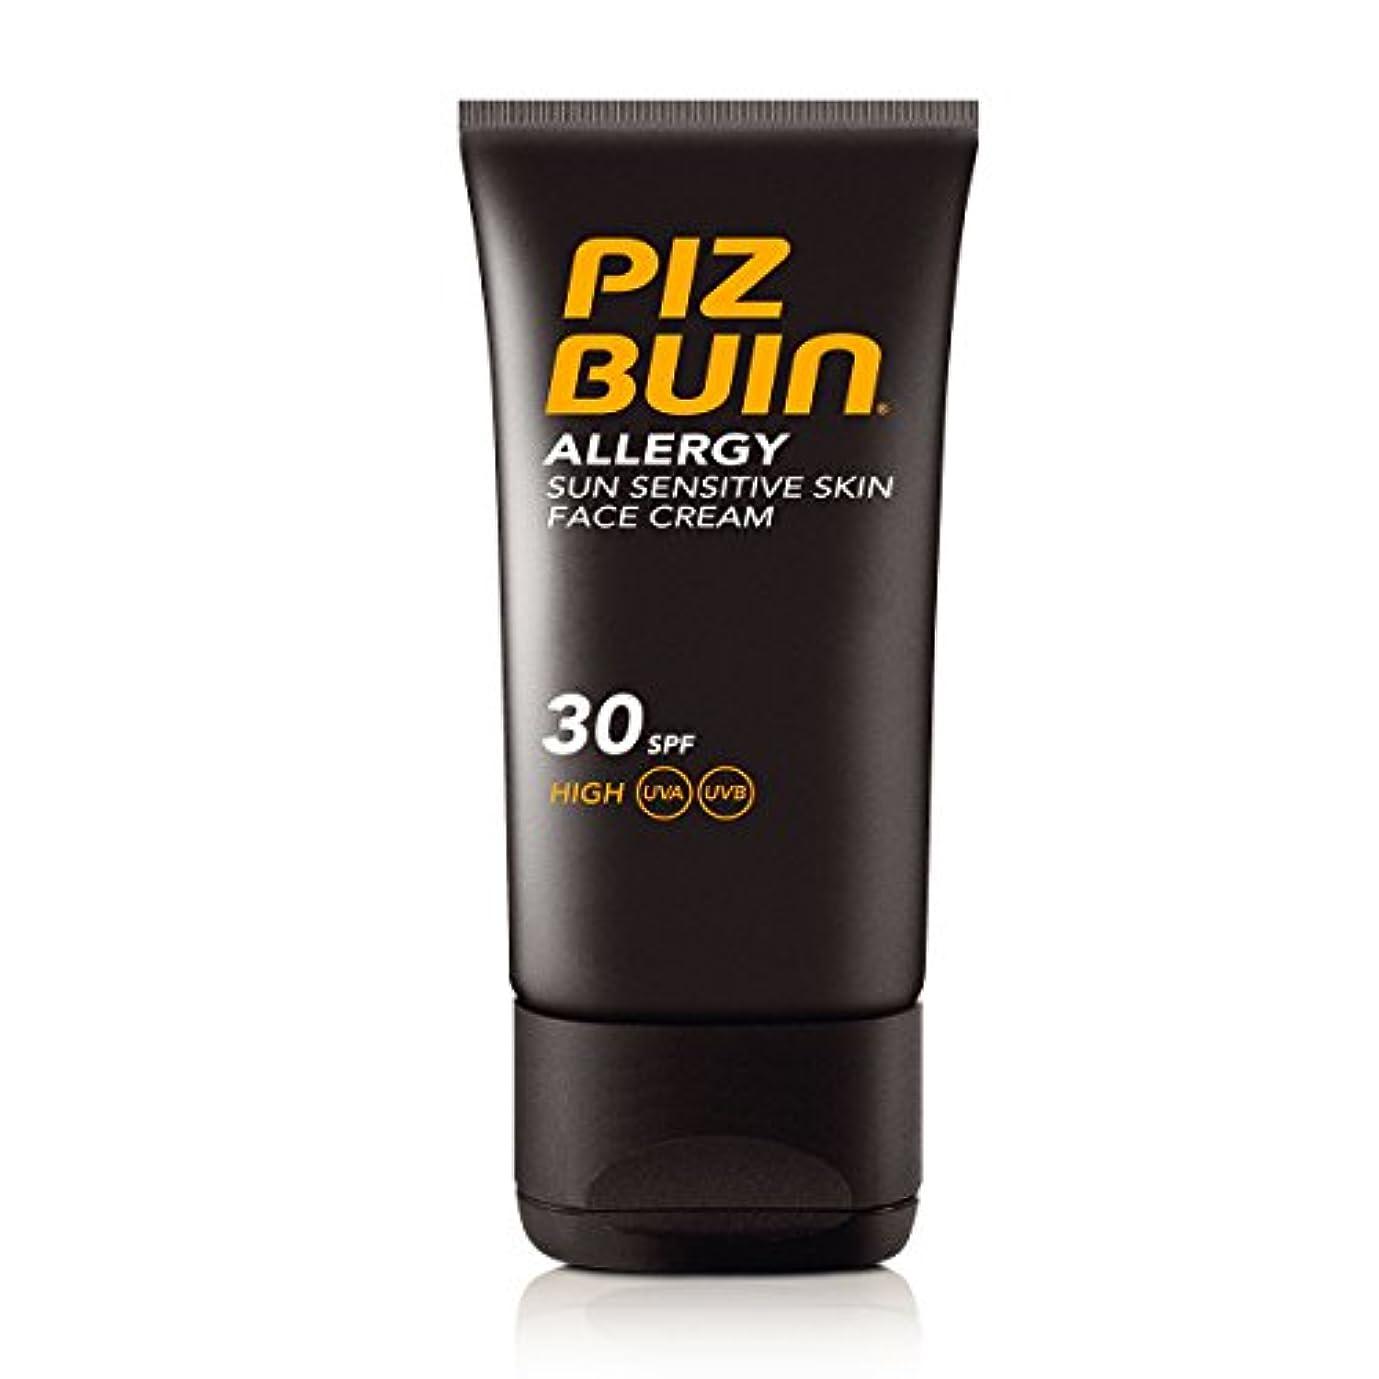 スタイルなぜ真面目なPiz Buin Allergy Sensitive Face Spf 30 50ml [並行輸入品]